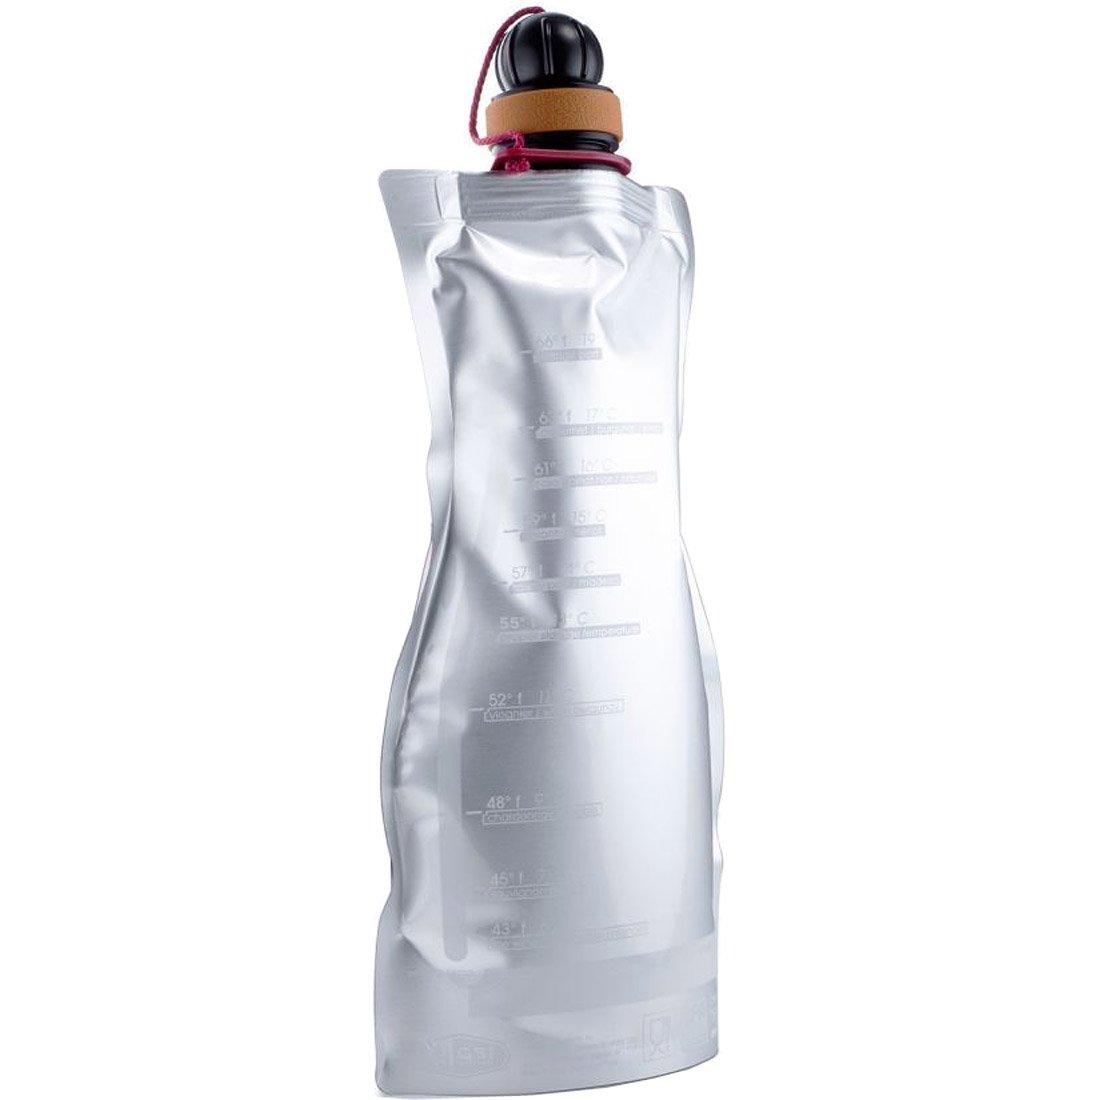 מיכל גמיש ליין - Soft Sided Wine Carafe 750 ml - GSI